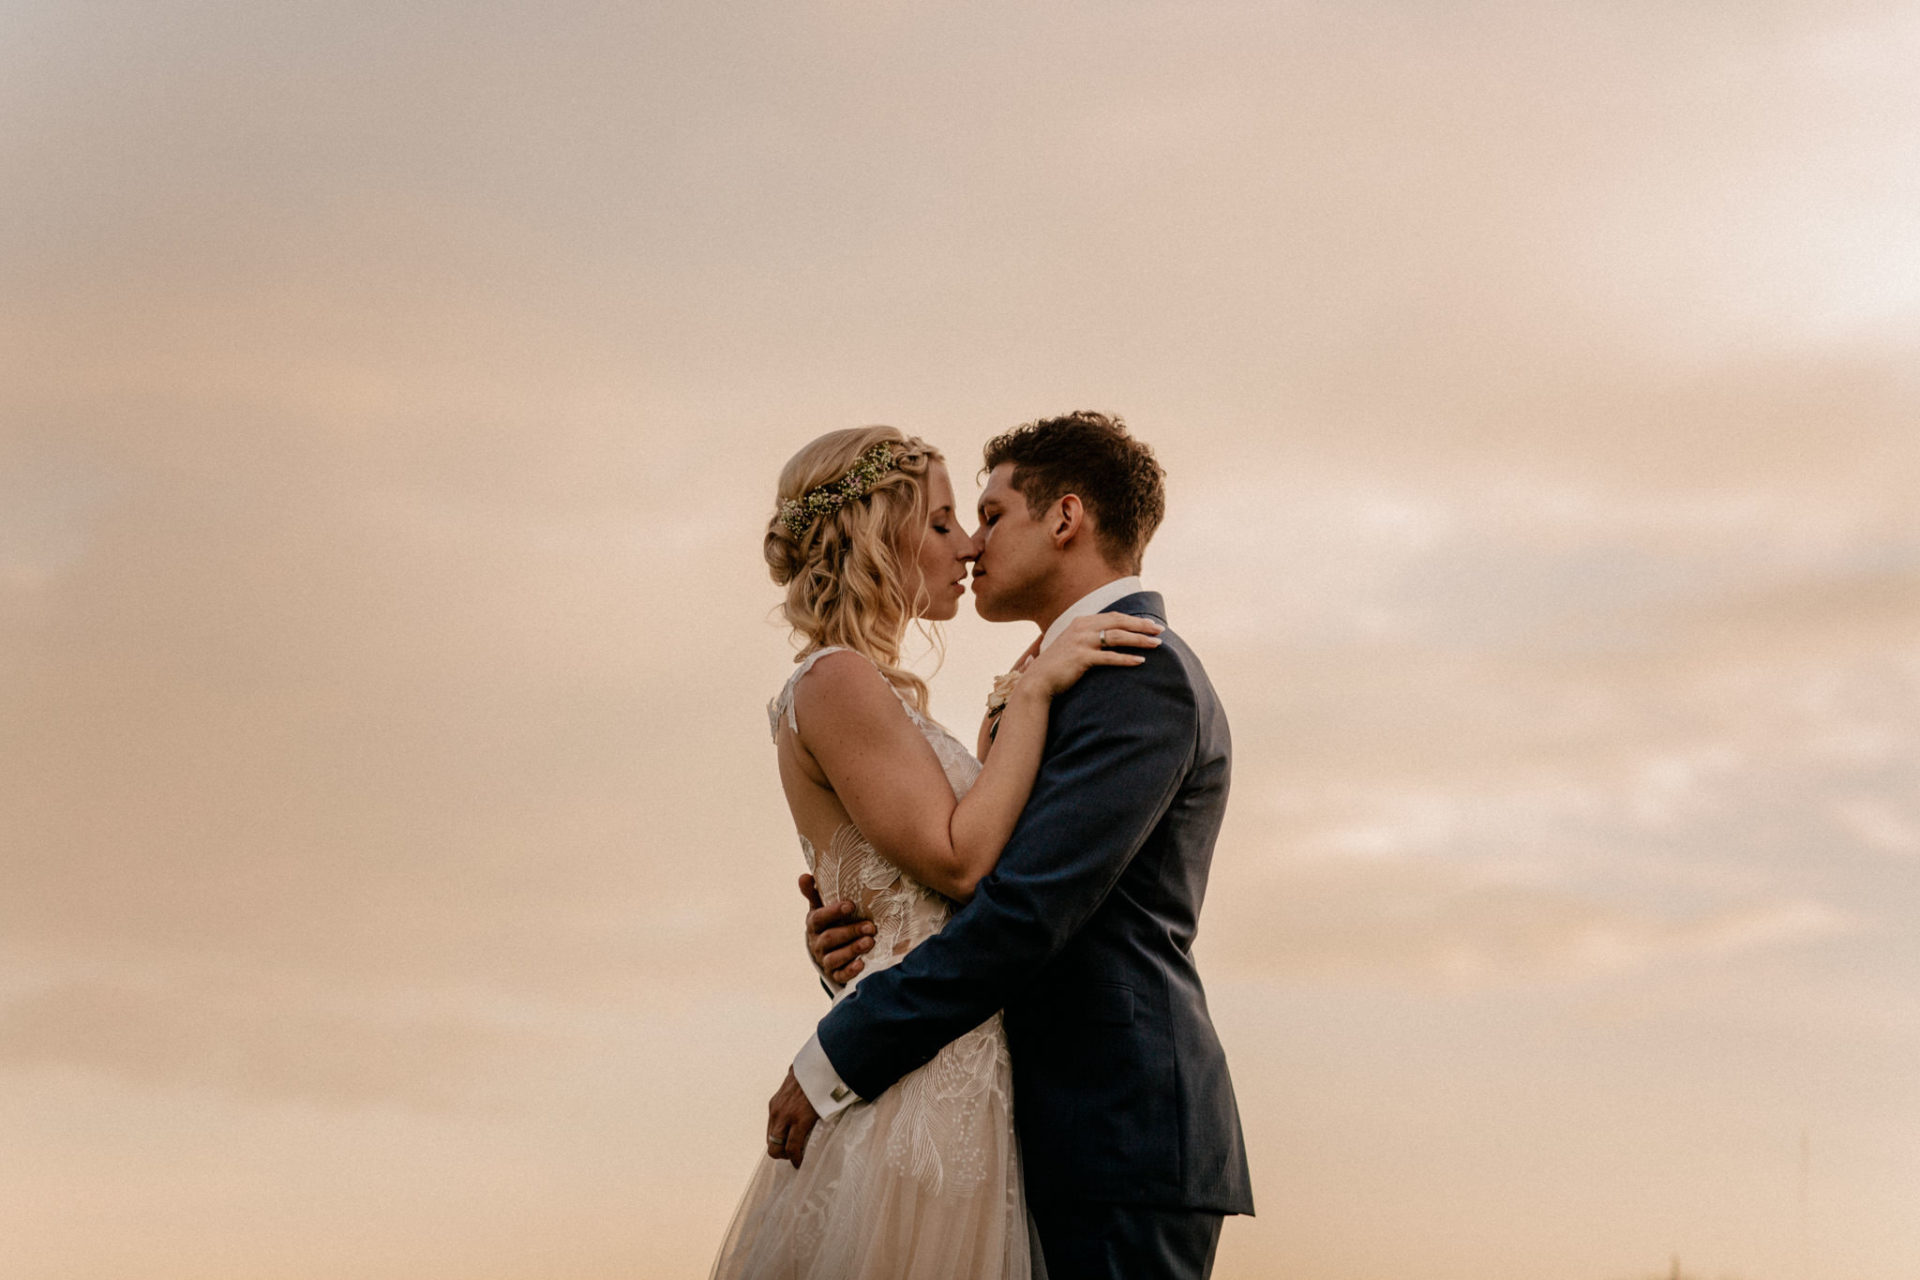 Hochzeitsfotograf Crailsheim-Wasserschloss Erkenbrechtshausen-Sommerhochzeit-Afghanisch-Deutsch heiraten-Hochzeitsportrait